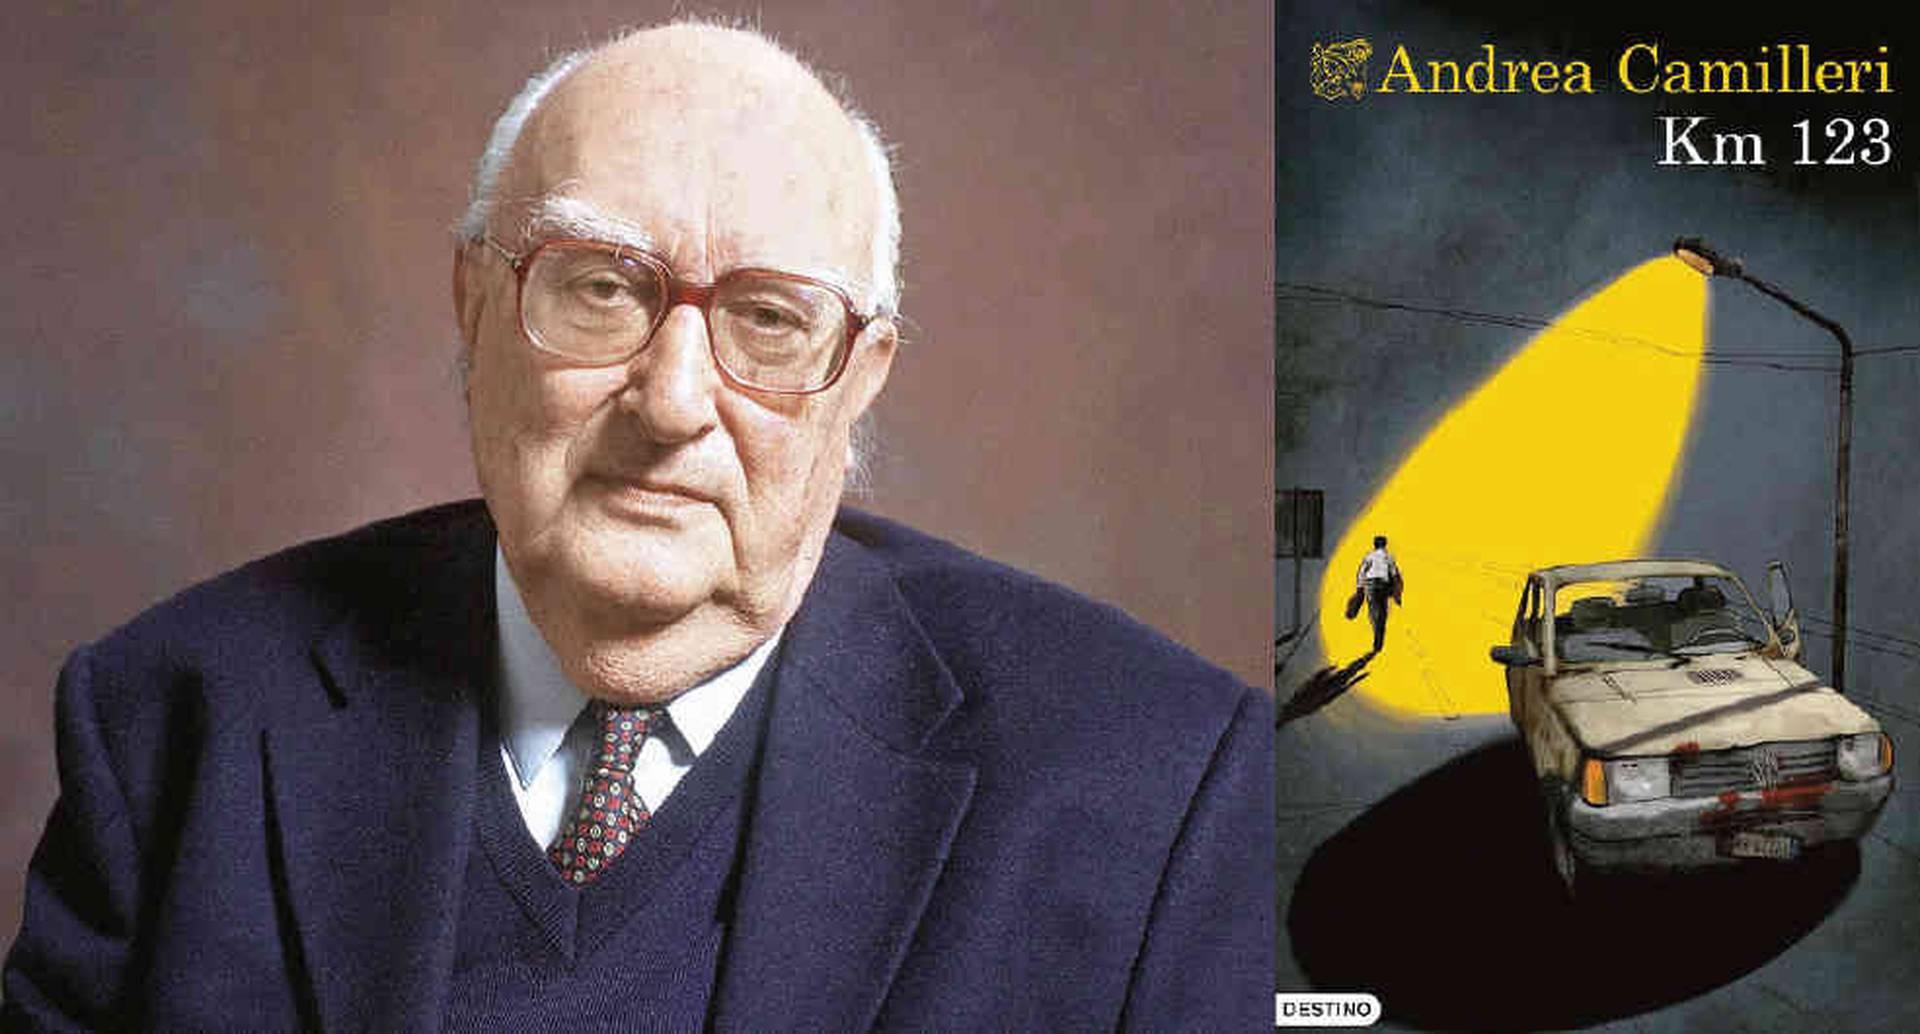 Andrea Camilleri fue también guionista y director de cine. Su serie con el comisario Montalbano llega casi a las cuarenta novelas.